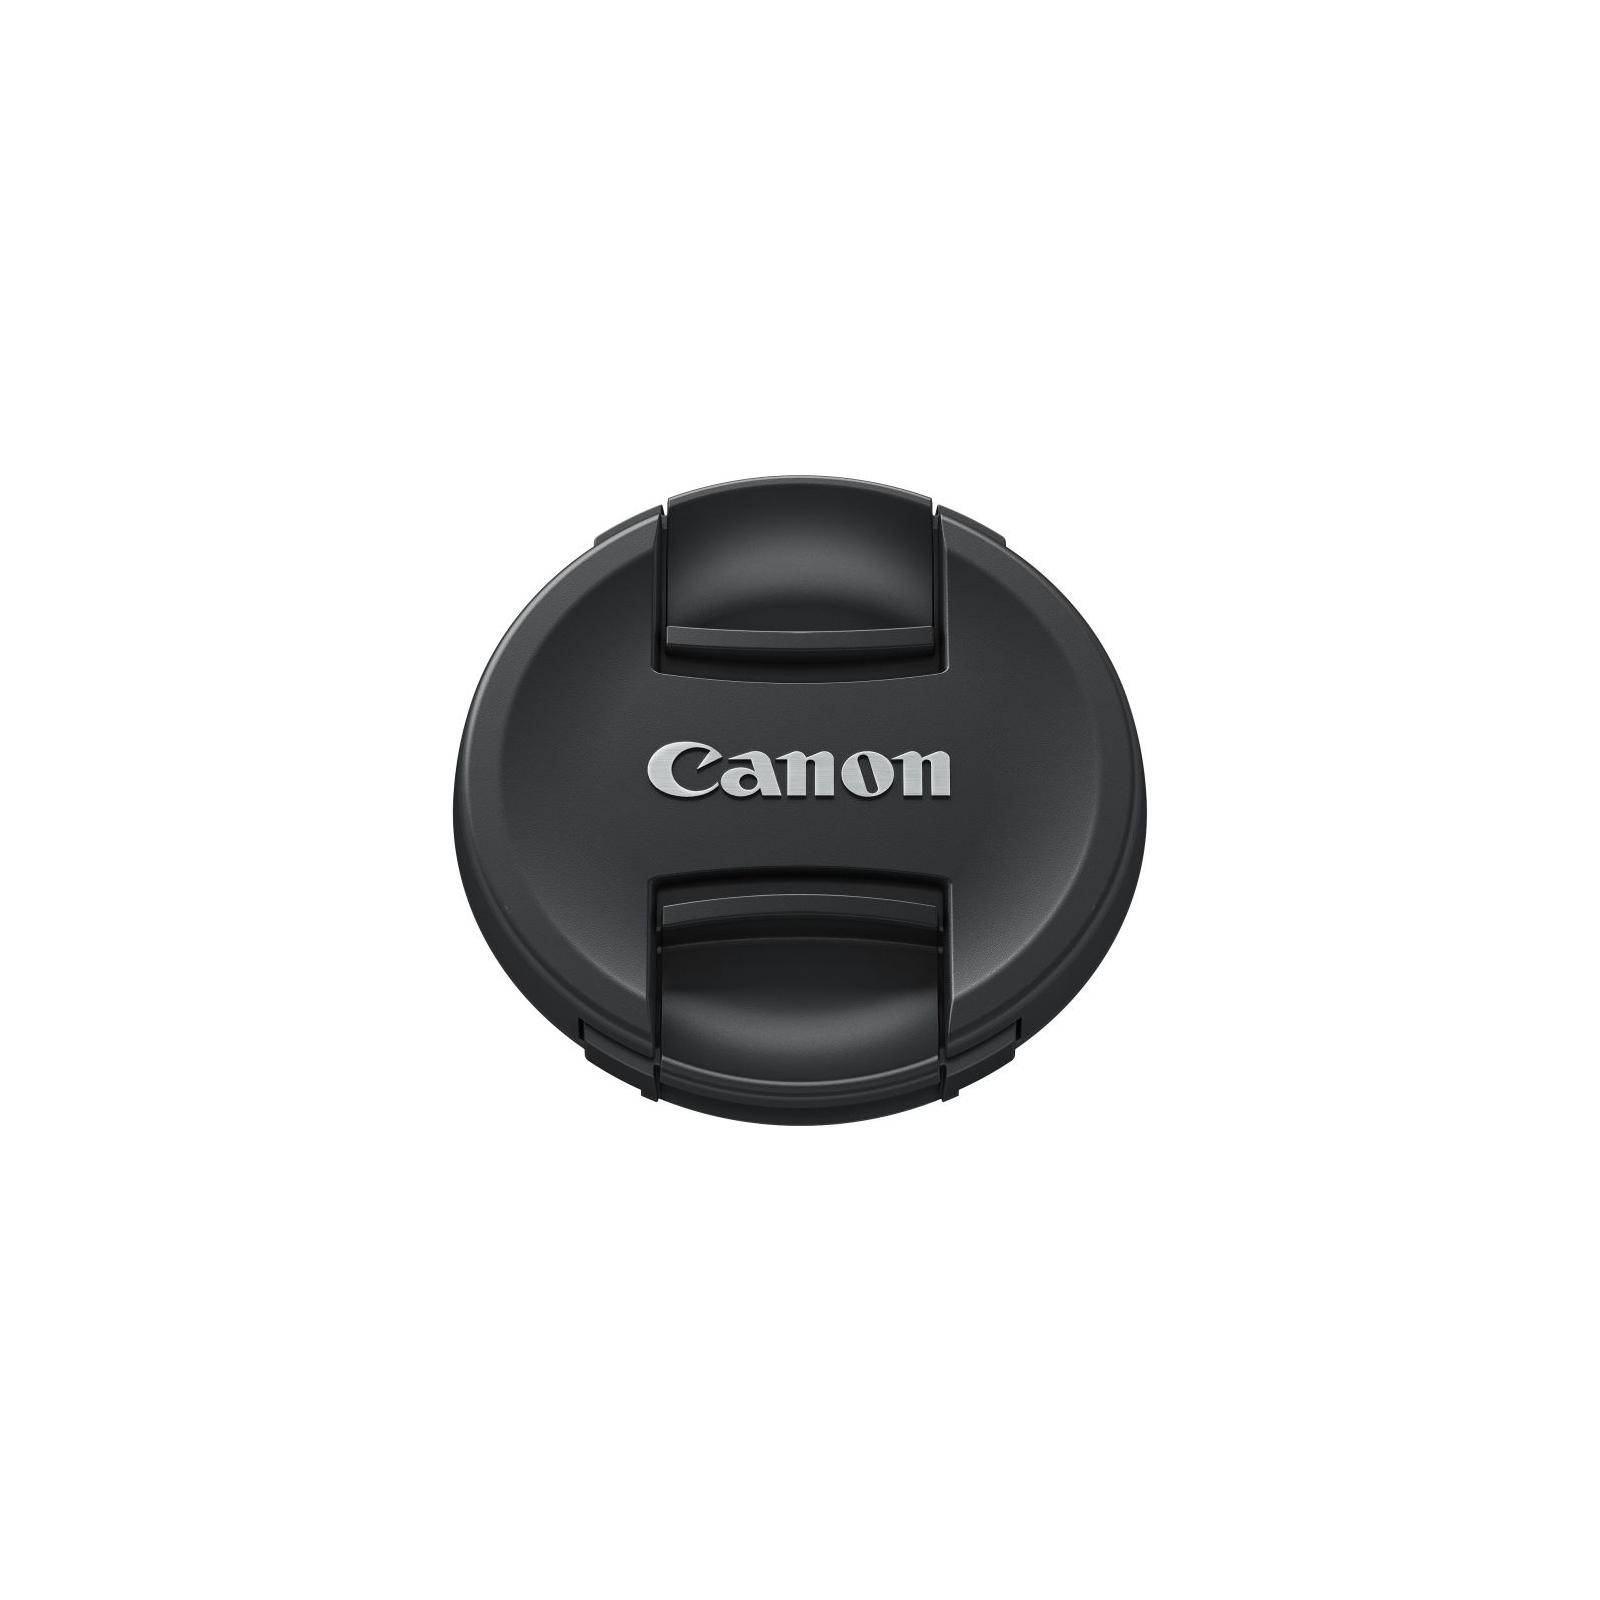 Крышка объектива Canon 77mm E-77II (6318B001)